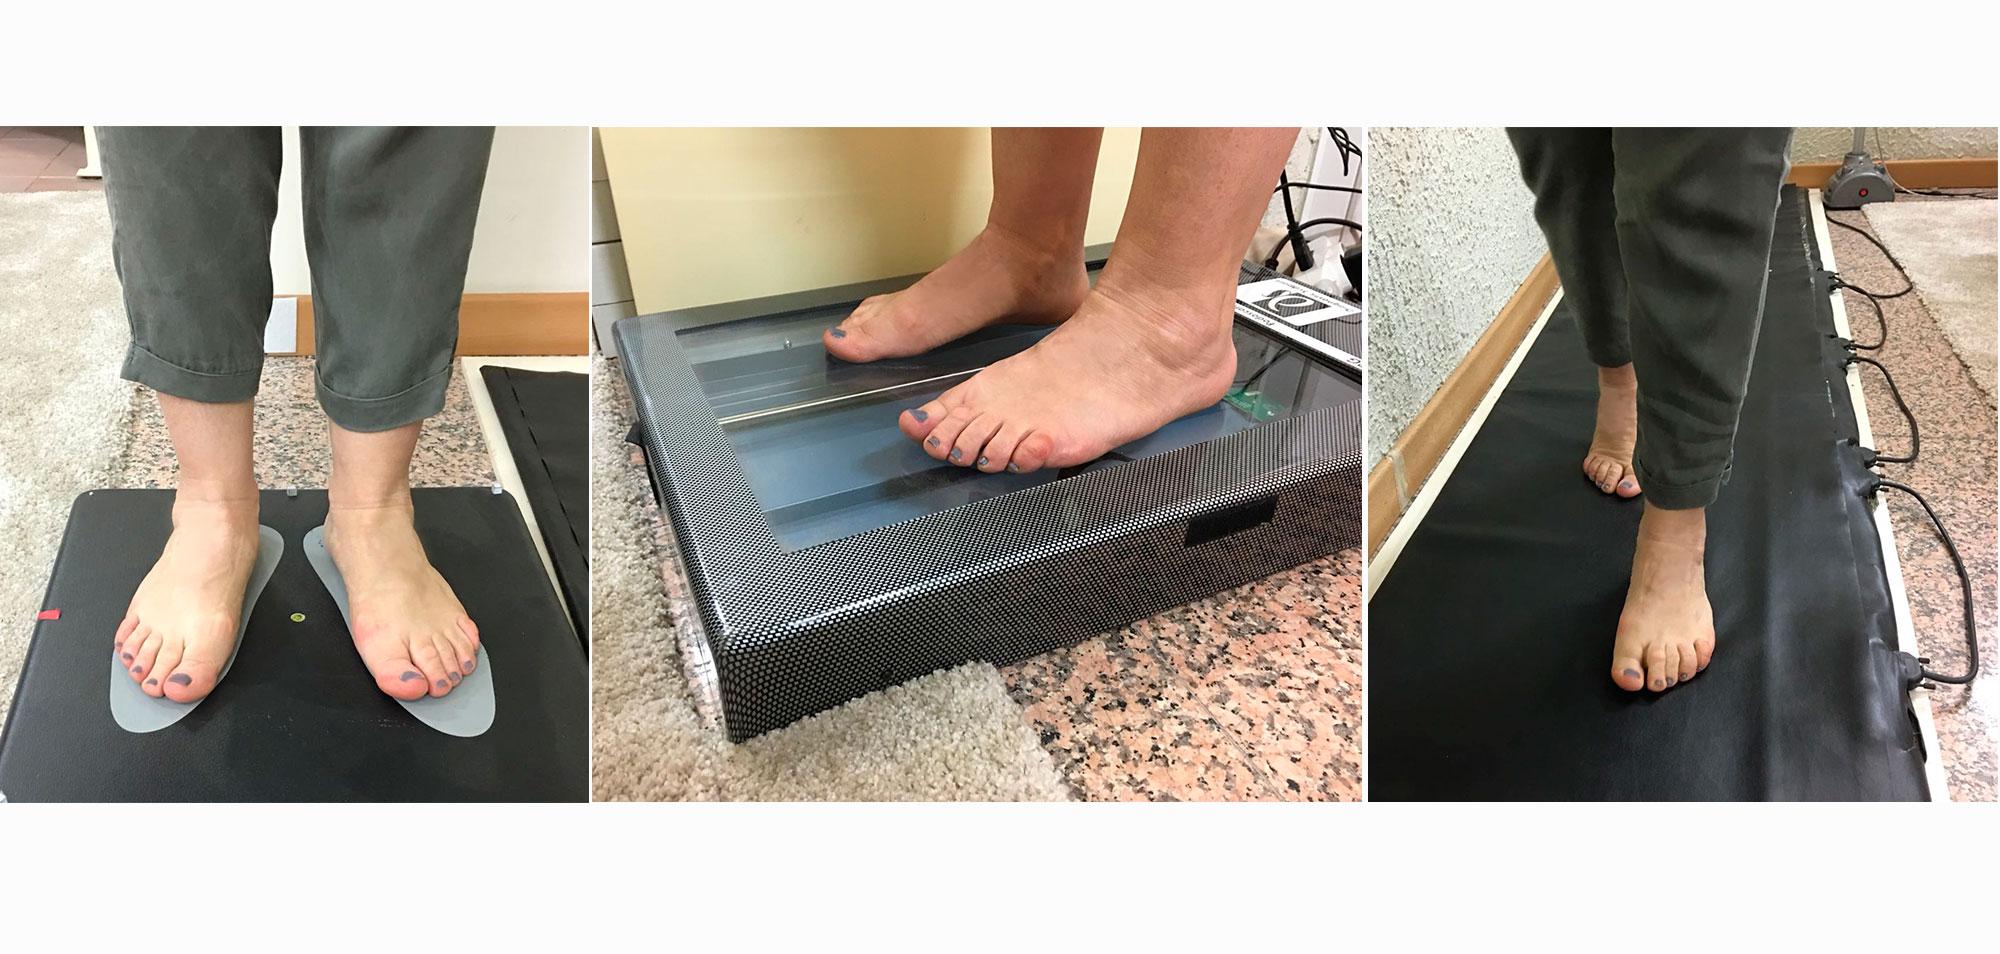 Gli strumenti del centro diagnostico-funzionale di Sanisfera: barometria, podoscopia e podoscanner.